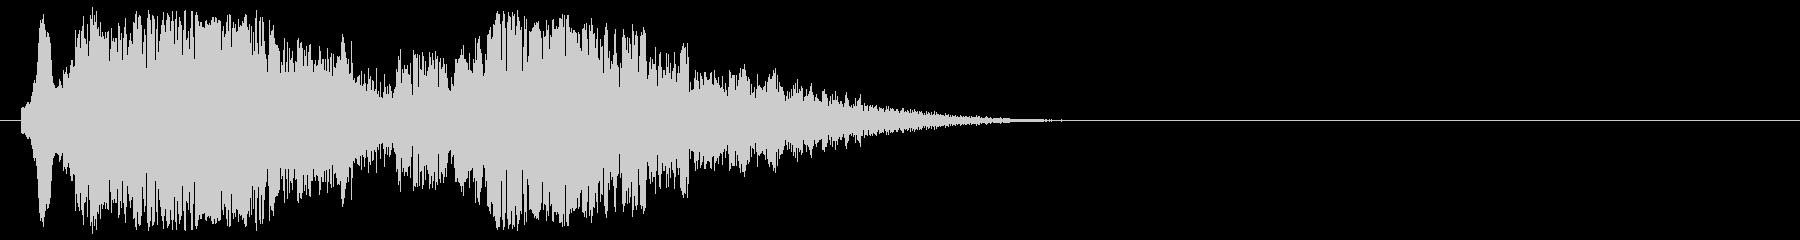 金属の鳴き、巨大、タイプ2の未再生の波形